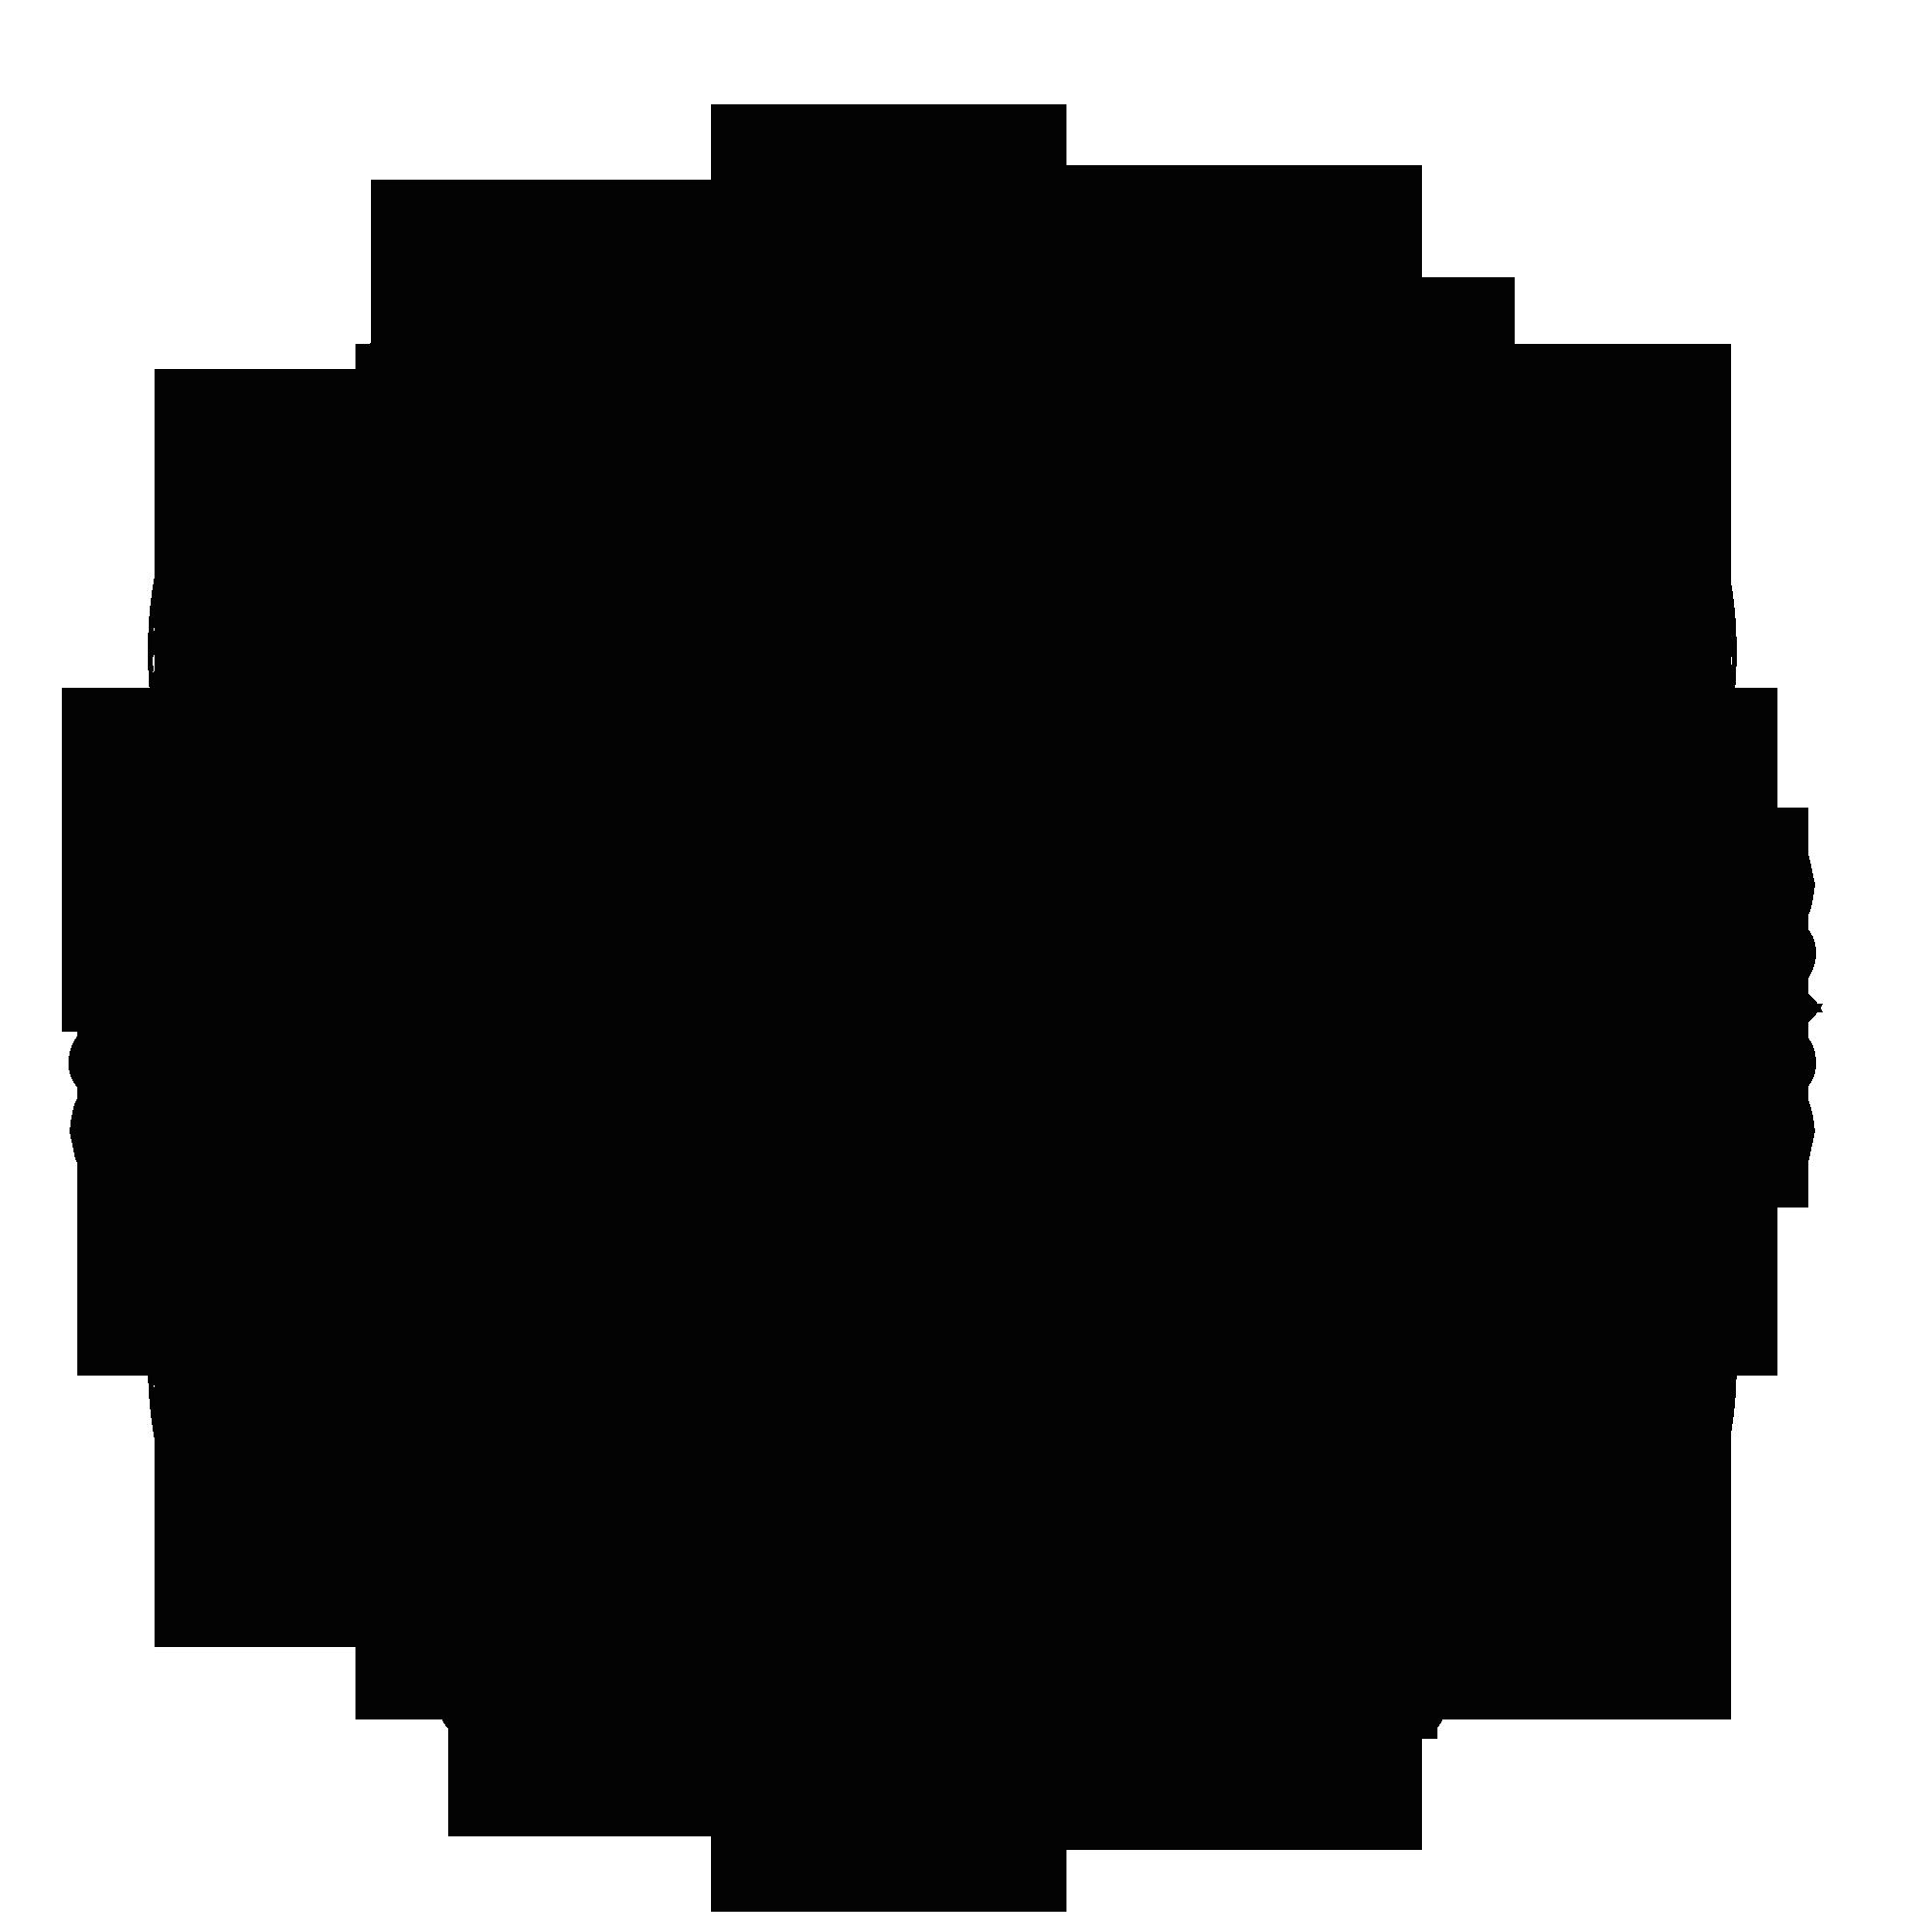 ماسكات للفوتوشوب أقنعه للتصميم دانتيل اطارات 3dlat Net 18 15 F873 Islamic Art Decorative Plates Decor